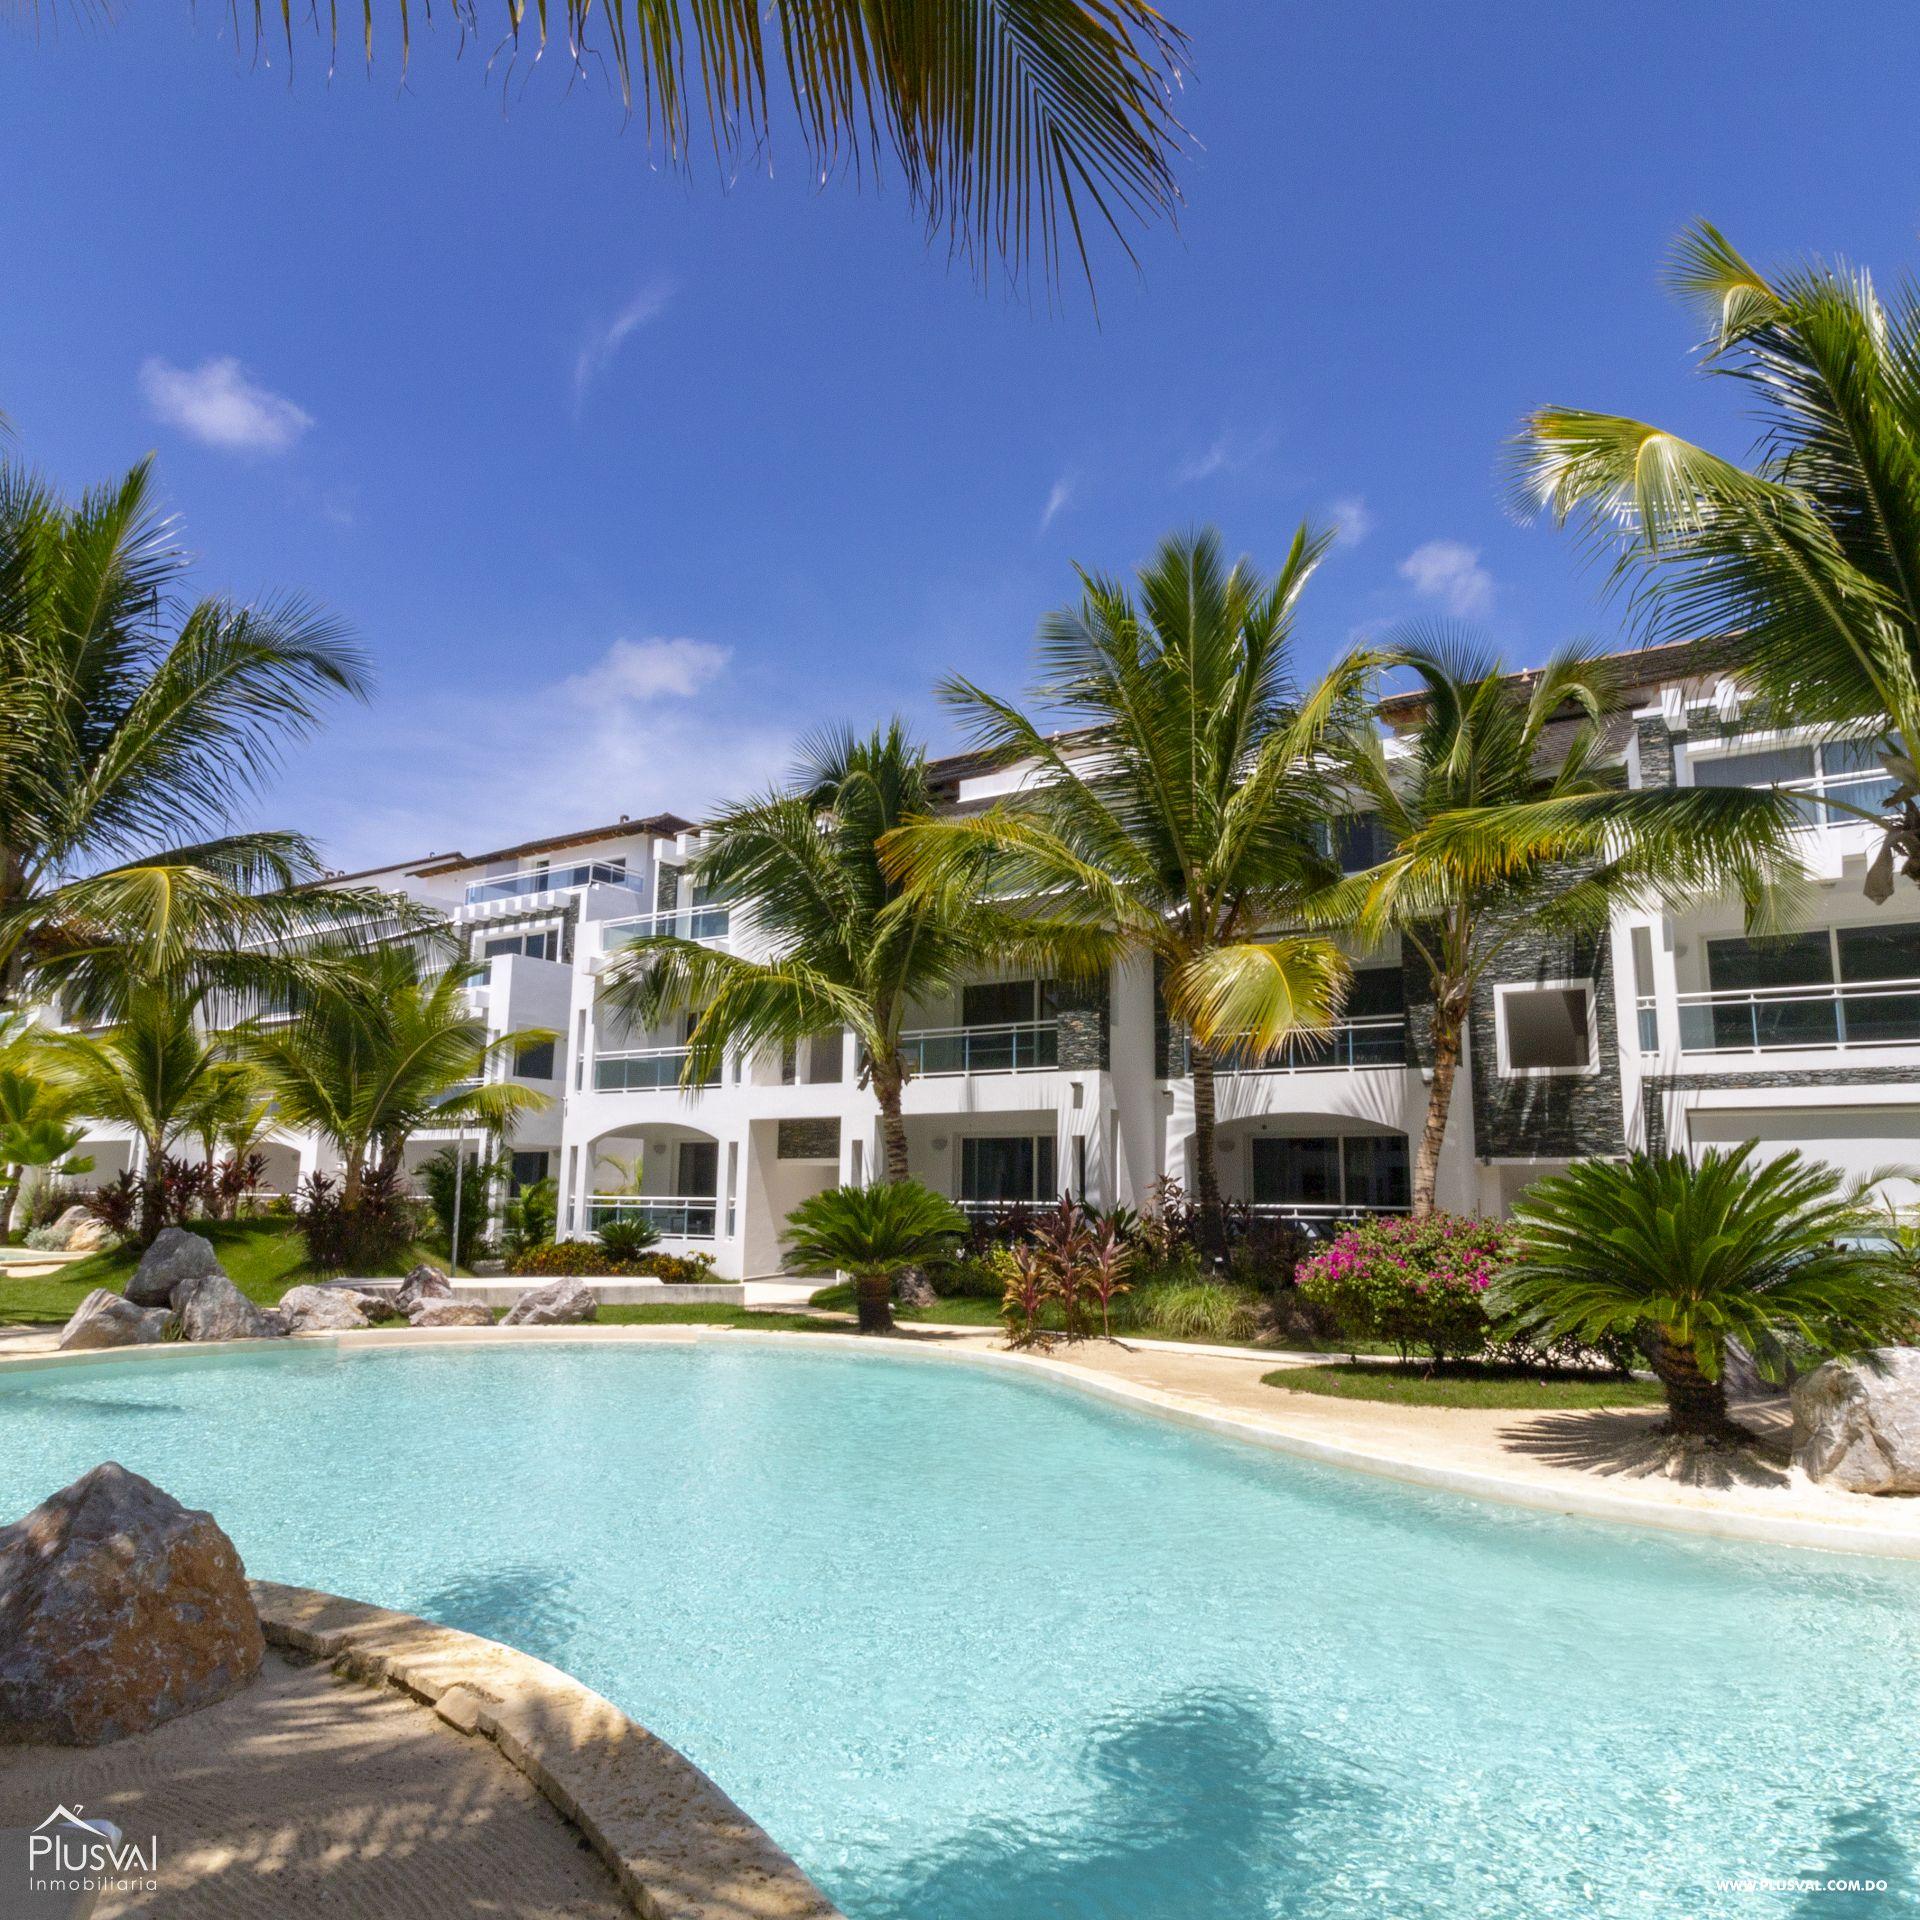 Apartamento en venta, cerca de la playa, Dominicus